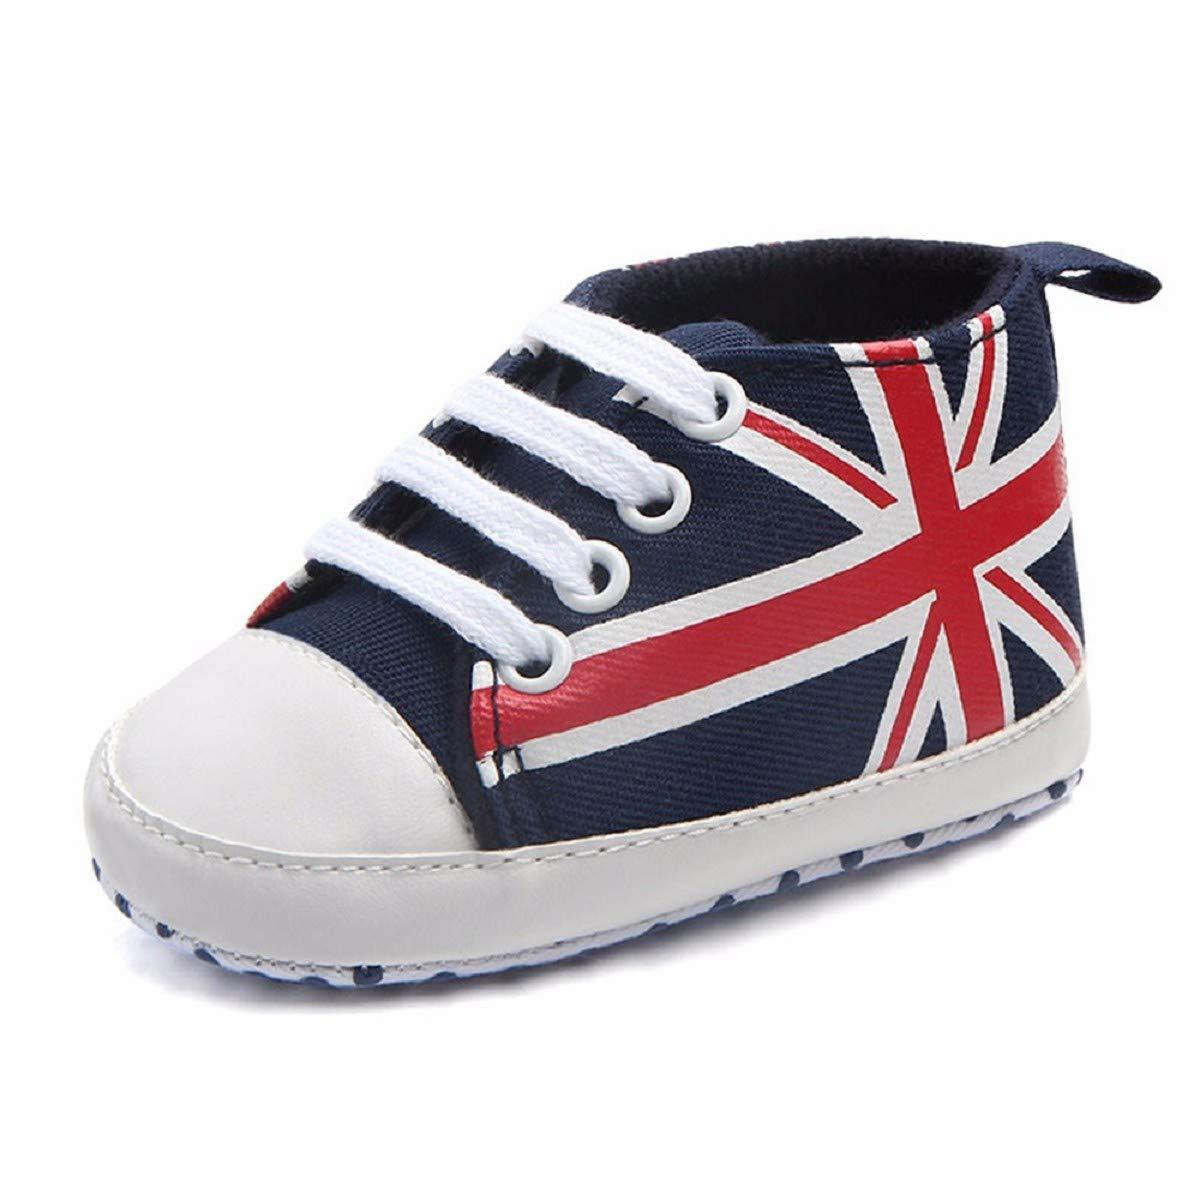 Newborn Canvas Shoes FAPIZI Infant Baby Union Jack Flag Print Canvas Anti-Slip Soft Shoes Sneaker Dark Blue